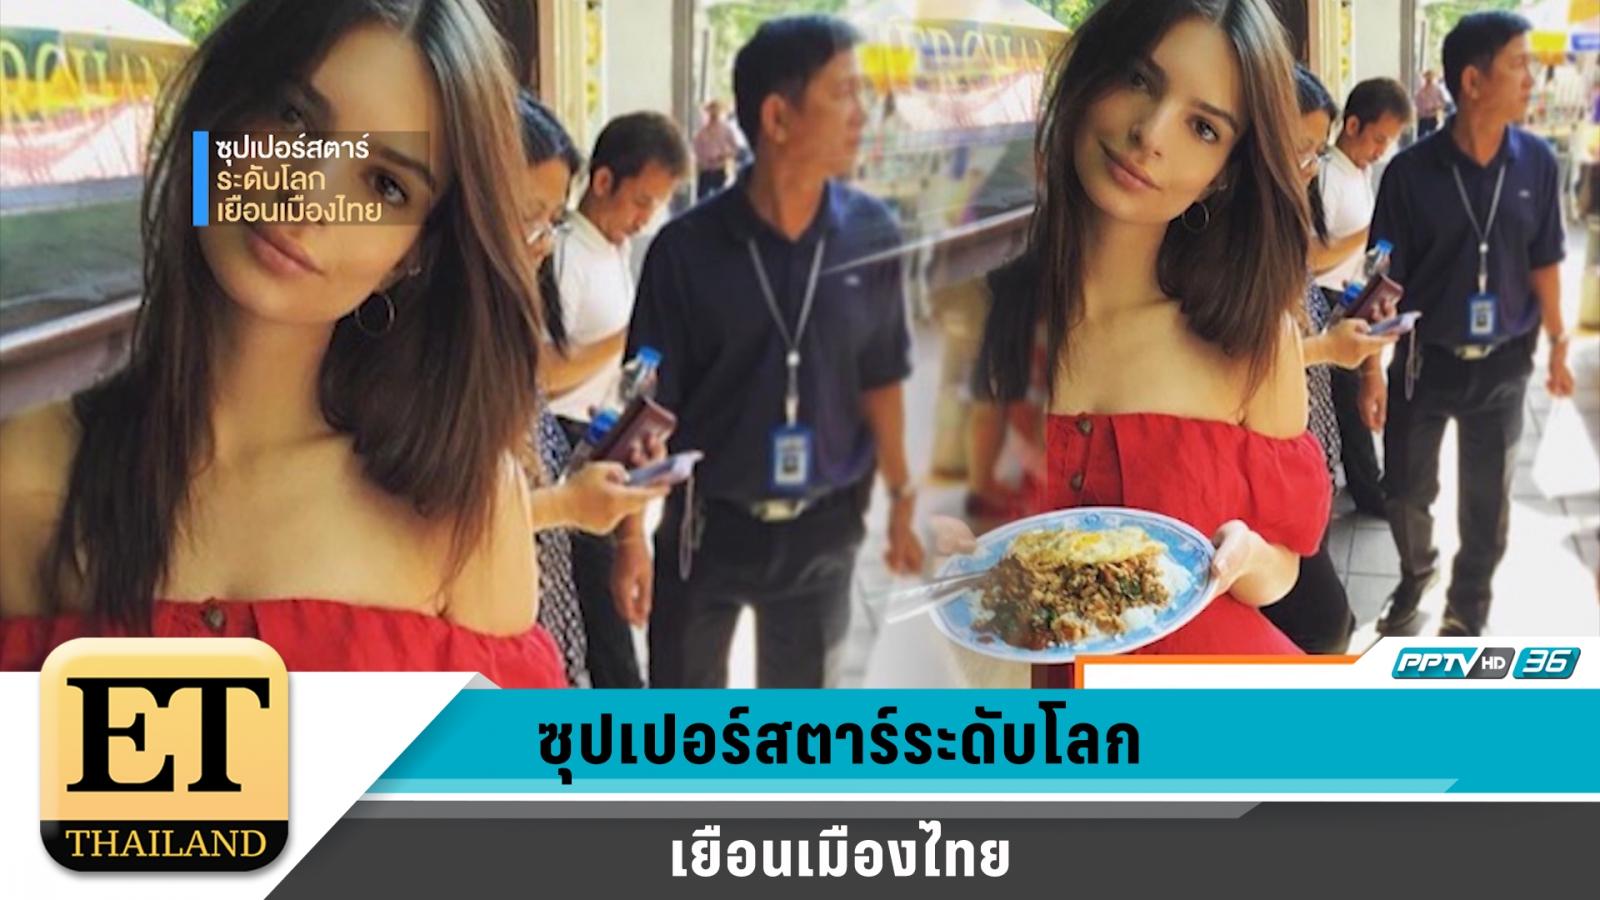 ซุปเปอร์สตาร์ระดับโลกเยือนเมืองไทย